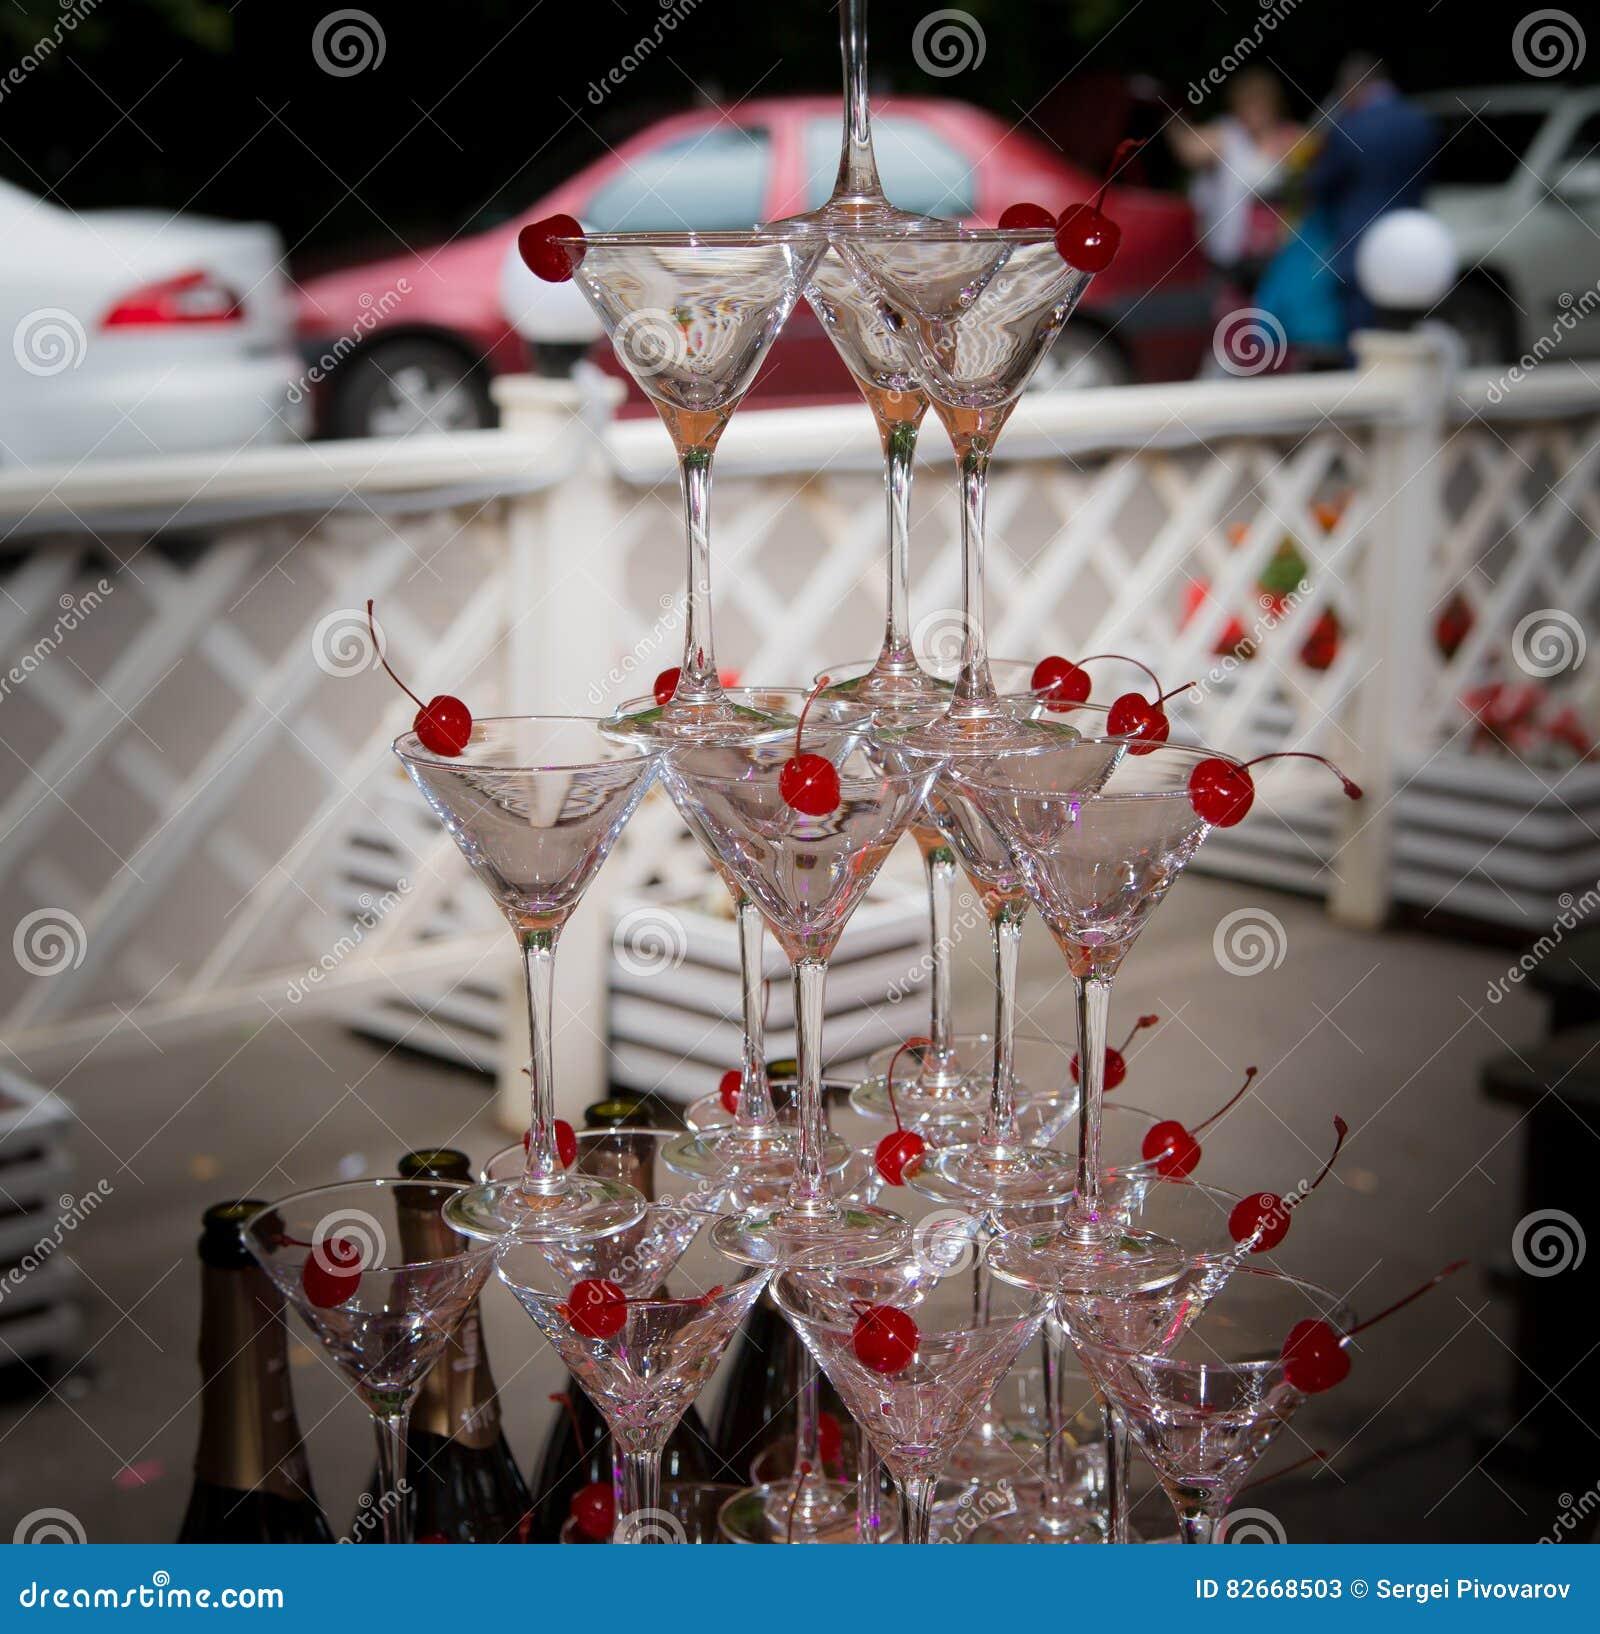 Pirámide de vidrios en una ceremonia de boda